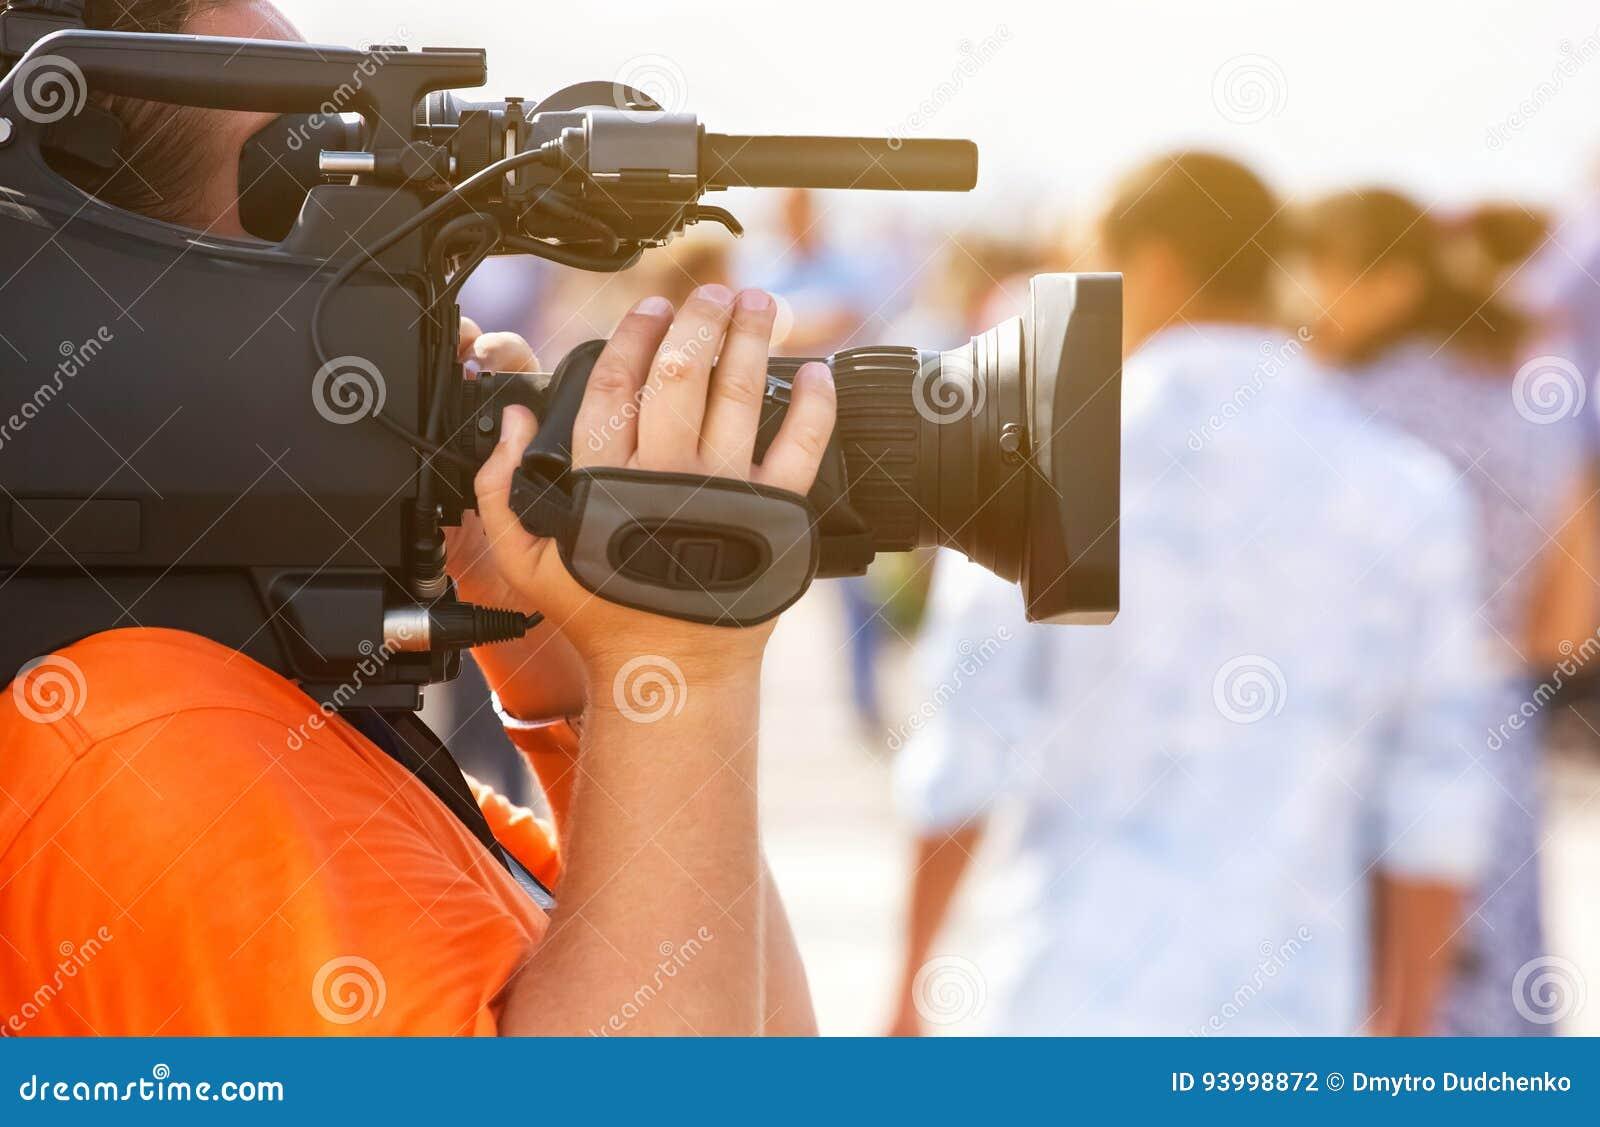 De exploitantfotograaf neemt een professionele cameragesprekken over